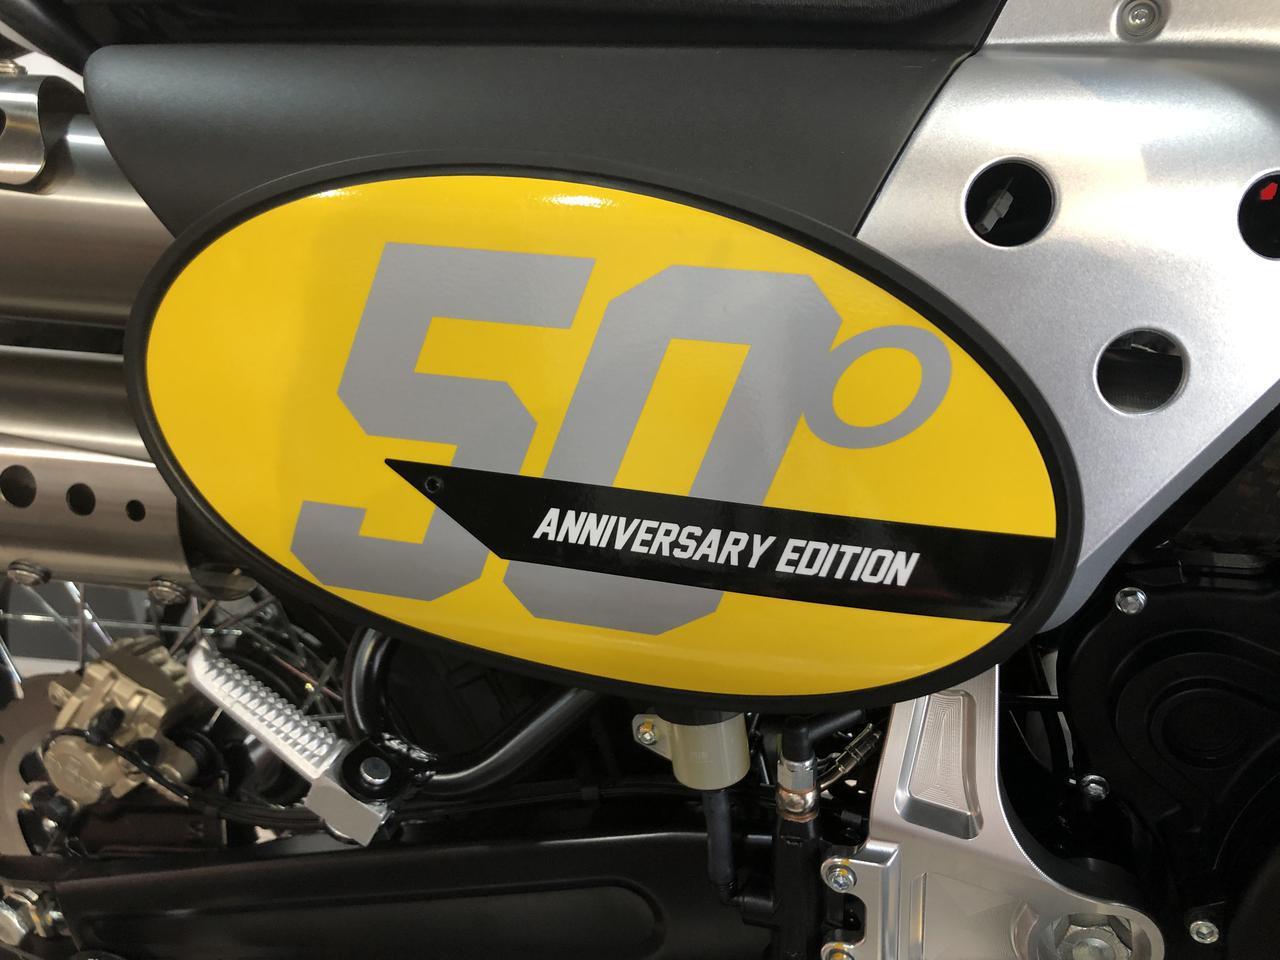 画像: サイドナンバープレートキットにも50周年を記念した「50」のナンバーがデザインされます。